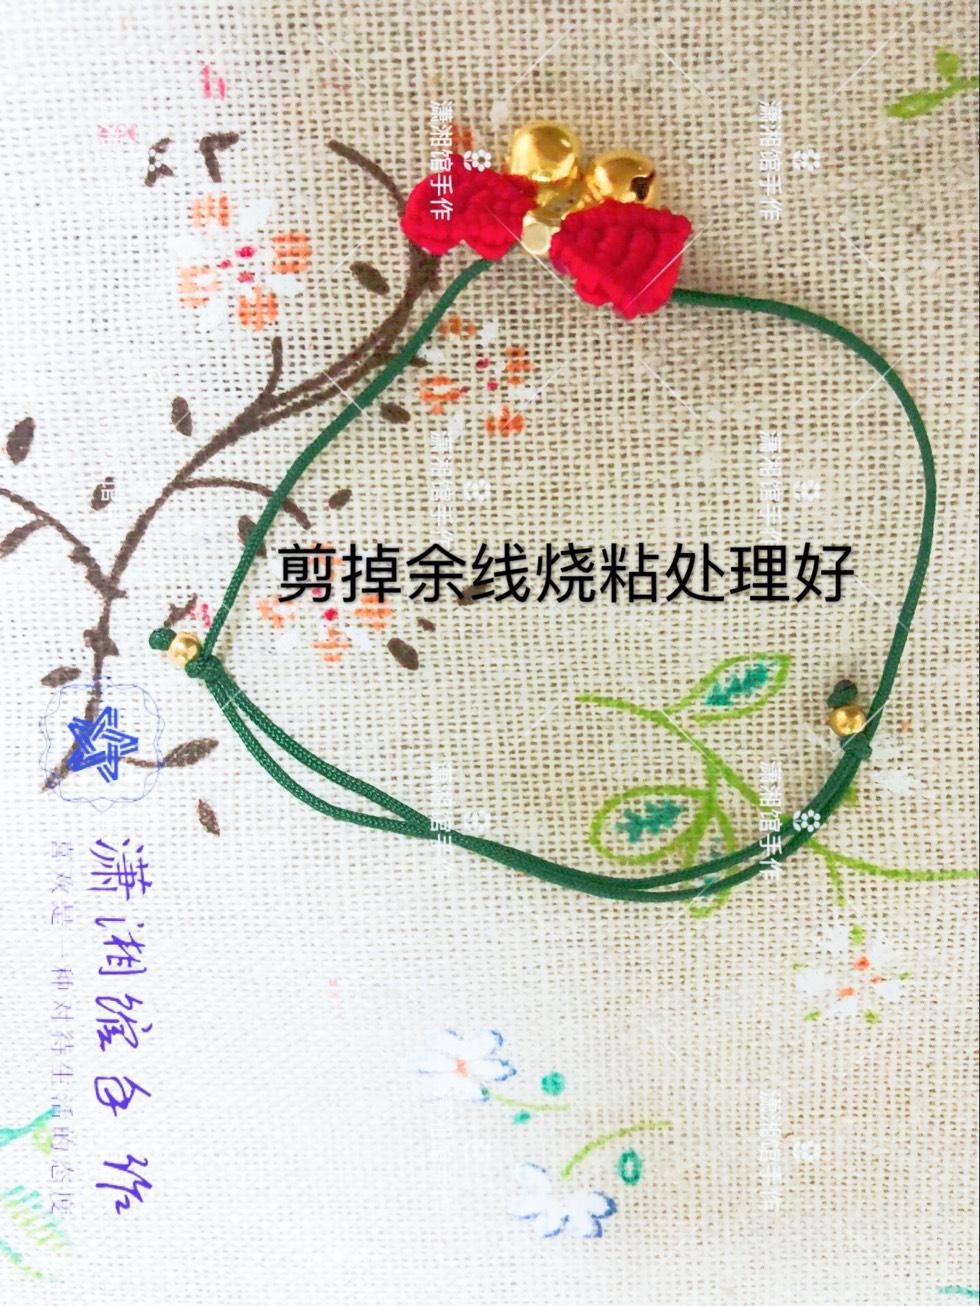 中国结论坛 圣诞节蝴蝶结手链  图文教程区 114919dbrvpqknxq2zfh8n